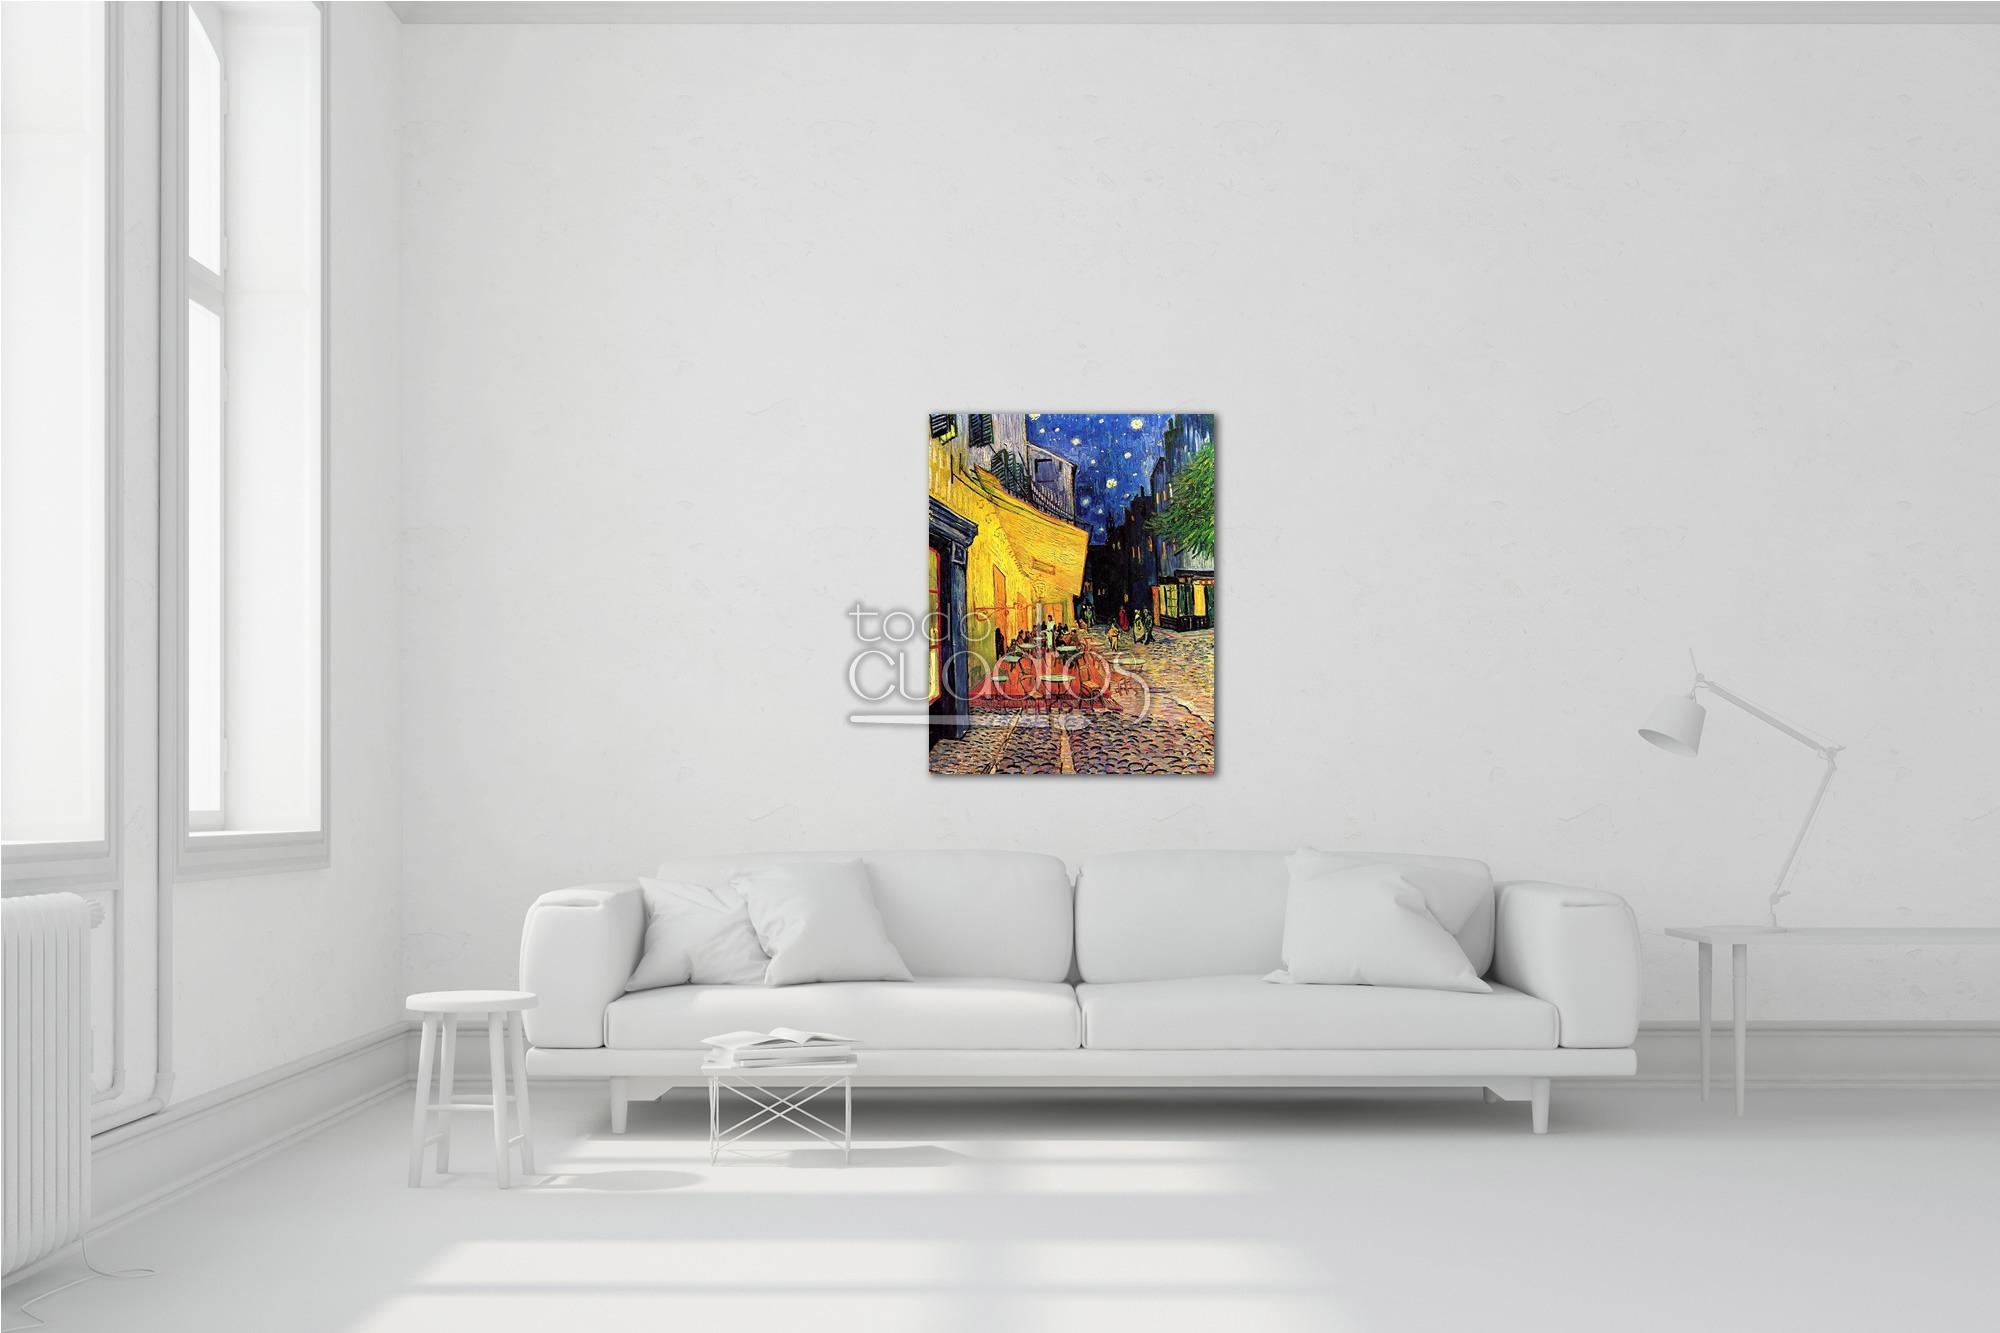 Terraza De Café Por La Noche V Van Gogh